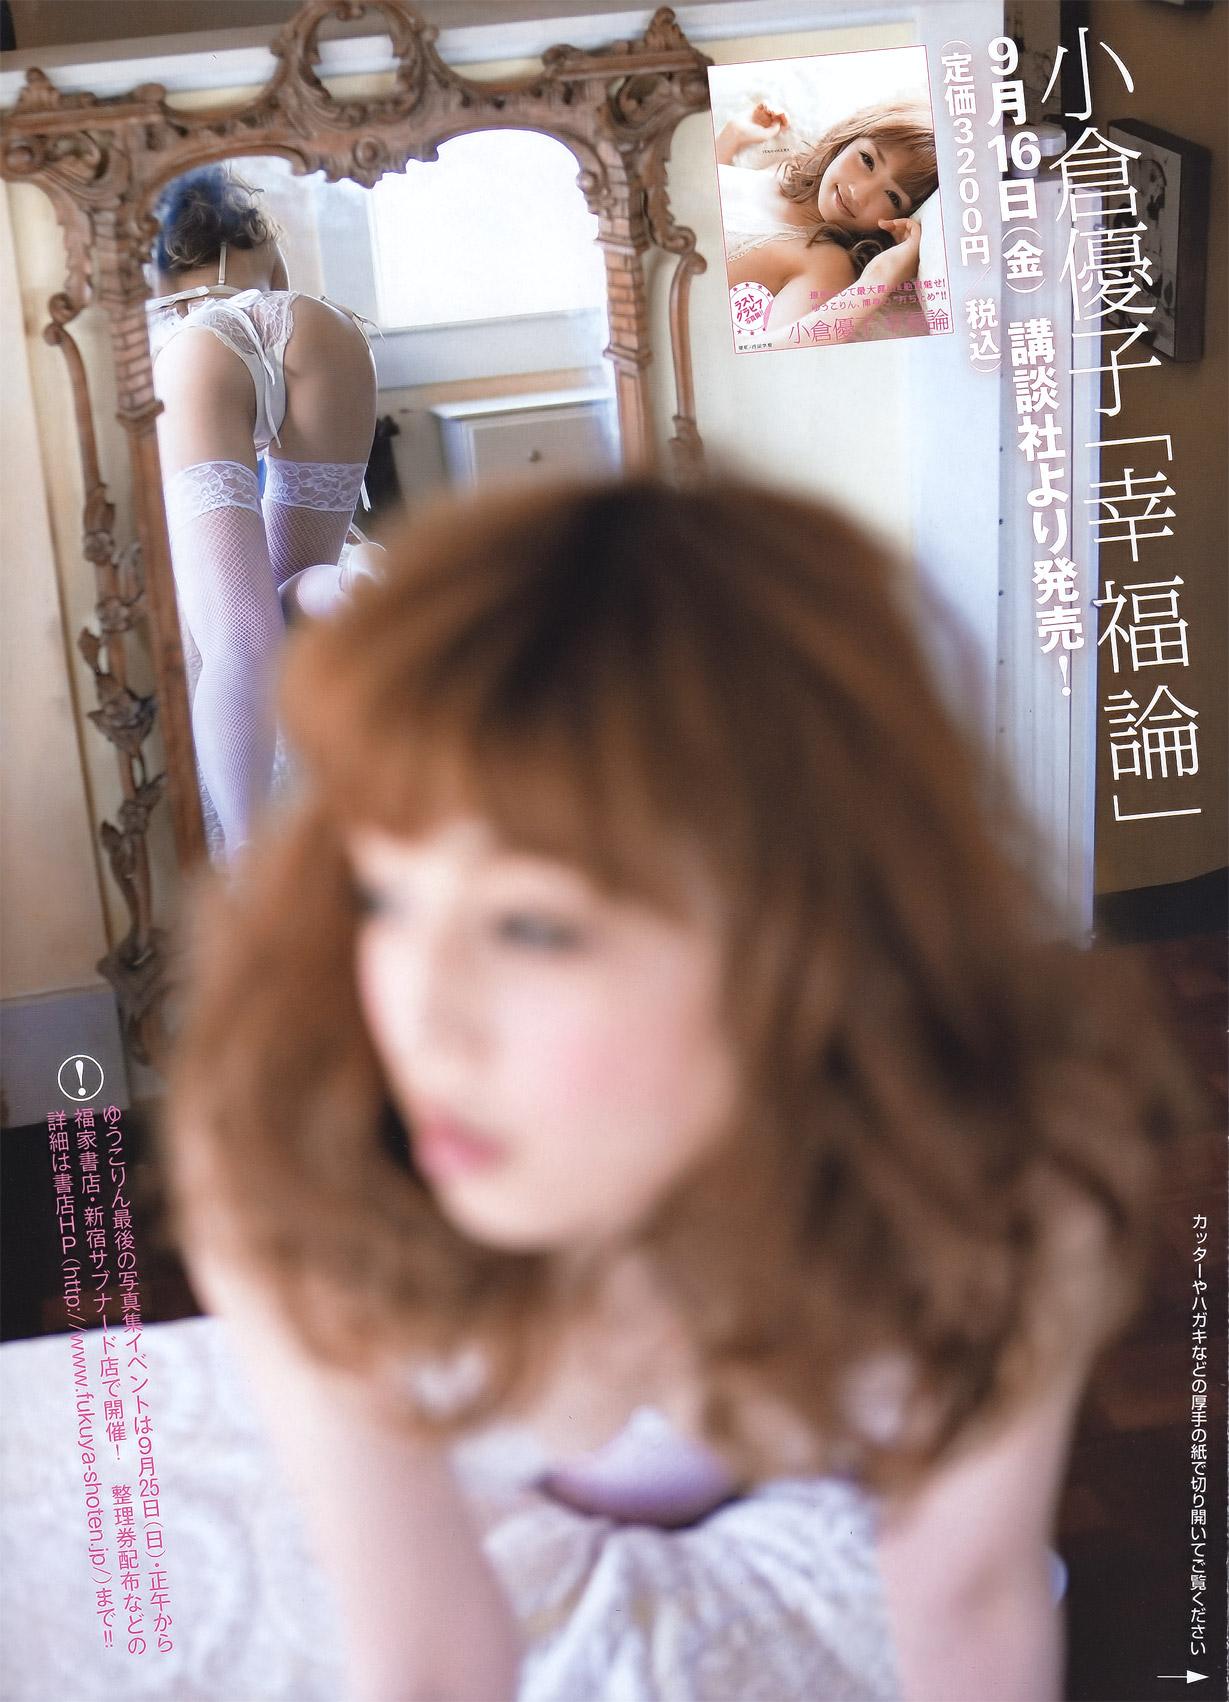 【悲報】小倉優子(33)さん、バックショットで鏡に写ってはいけない「まん○」が映り込む(画像あり)